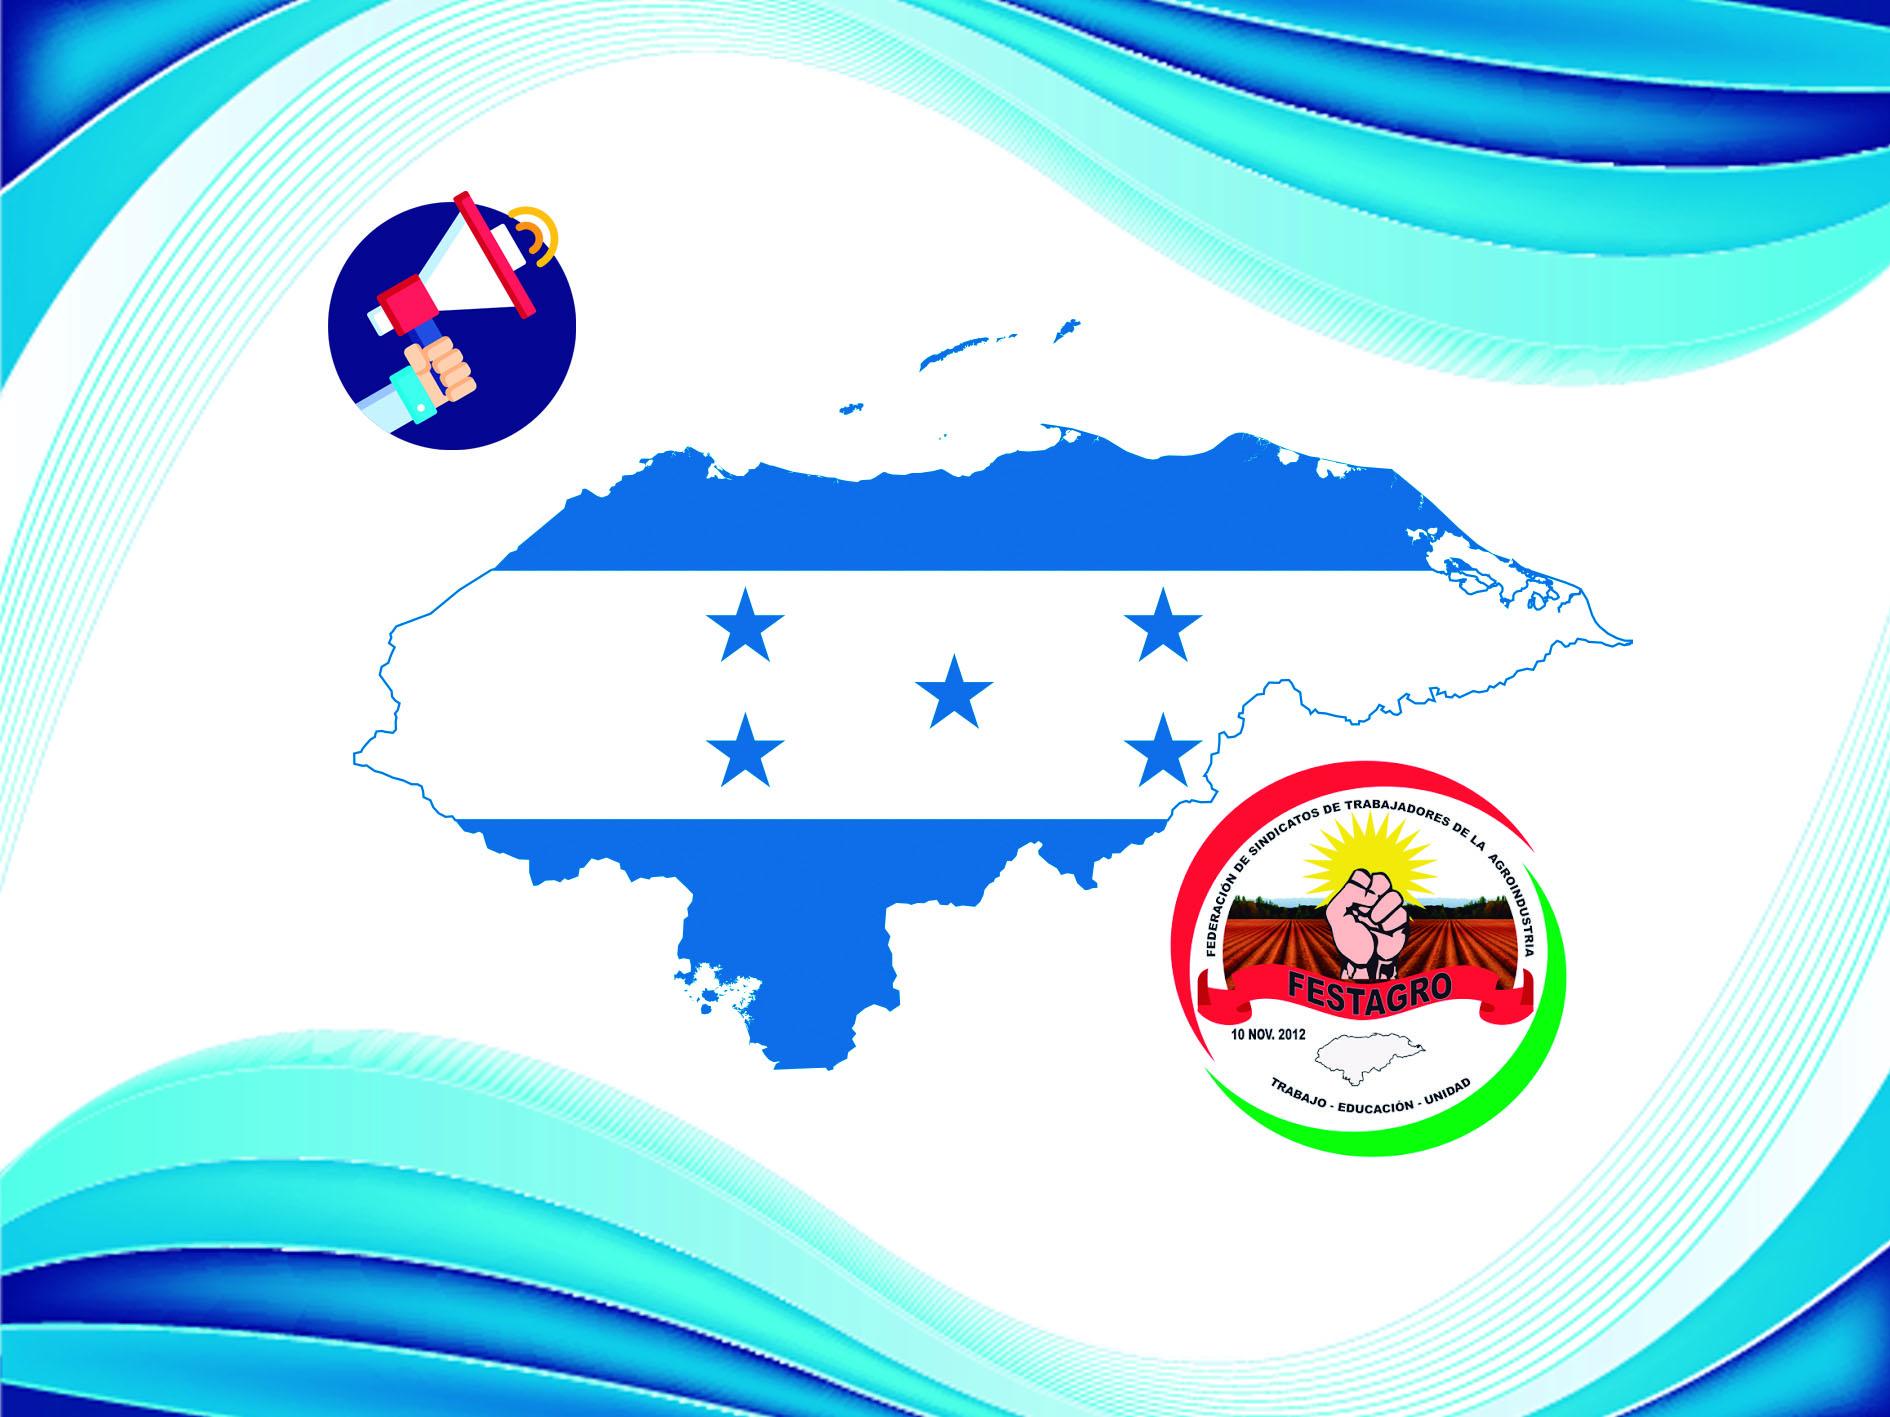 Honduras // Festagro pide medidas de protección para sus afiliados